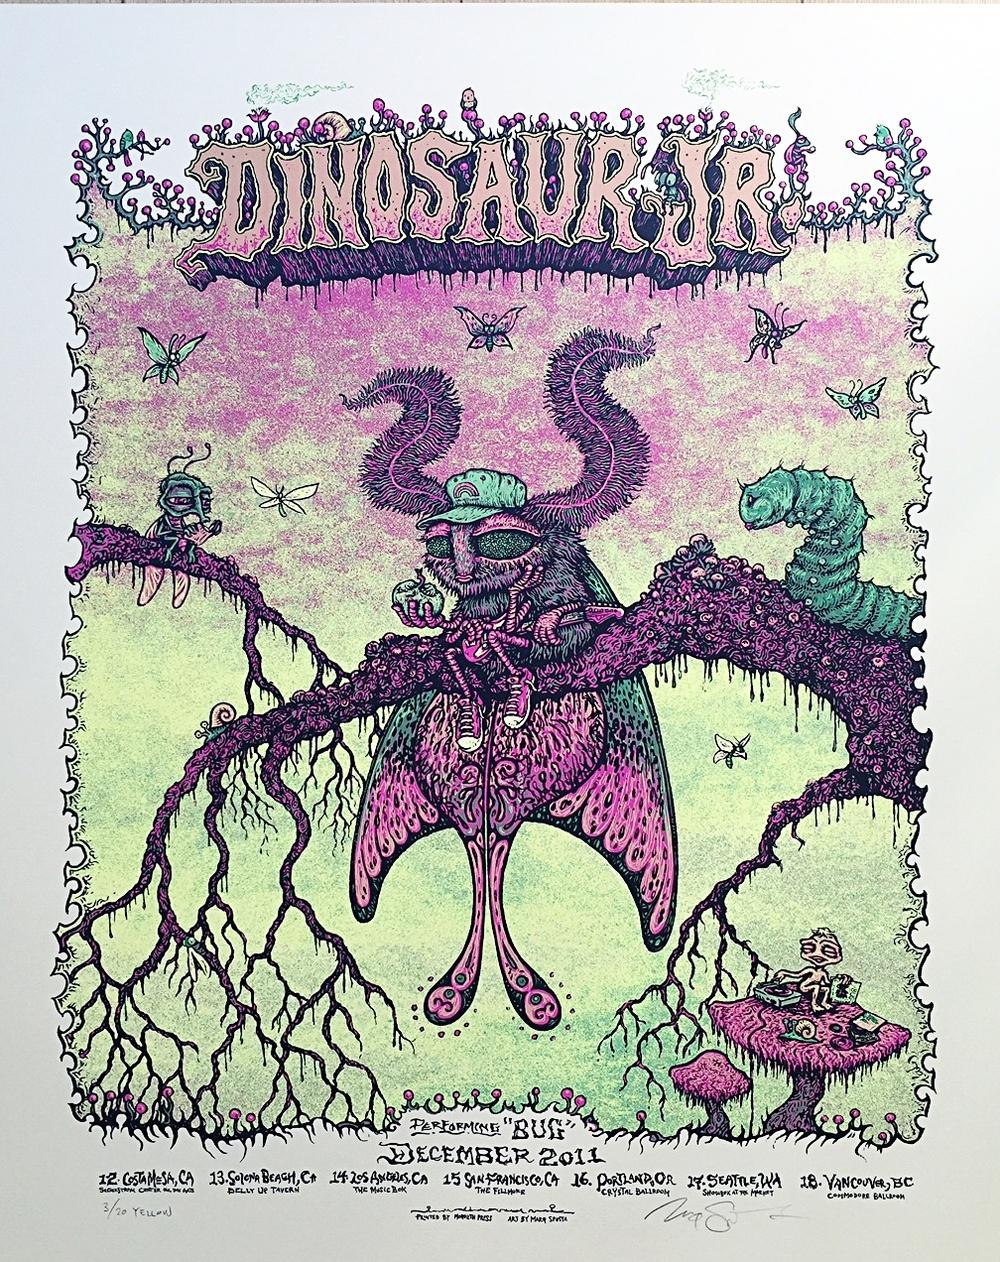 Dinosaur Jr. 2011 Tour